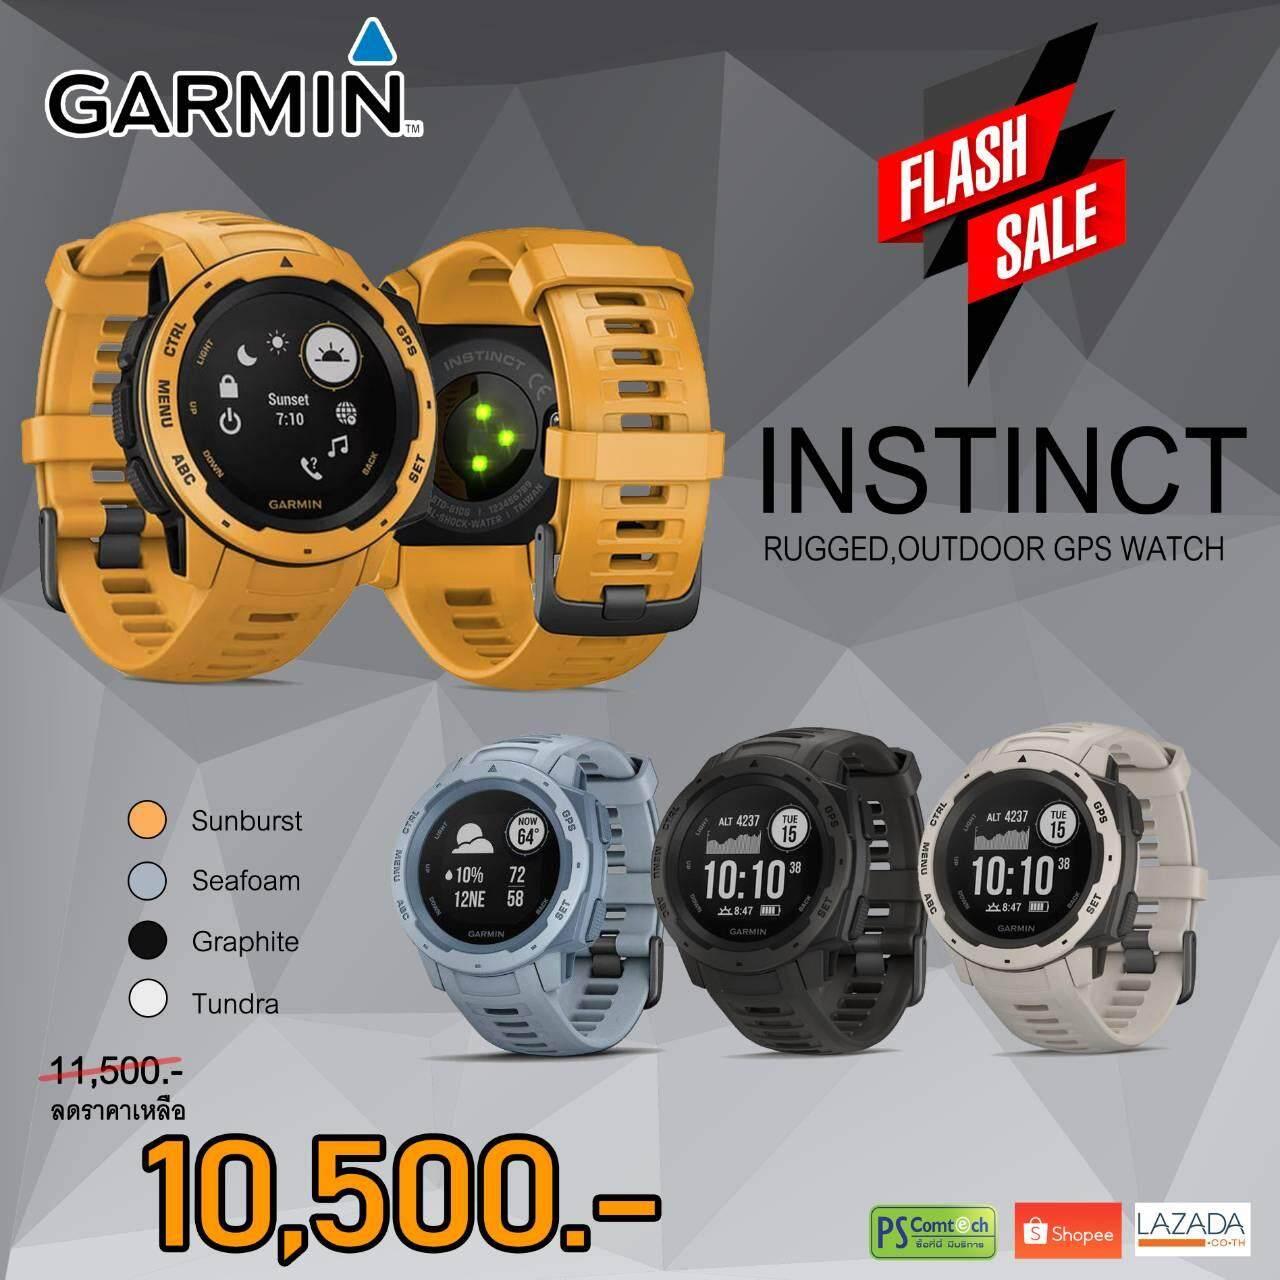 ยี่ห้อนี้ดีไหม  ฉะเชิงเทรา Garmin Instinct นาฬิกาจีพีเอส